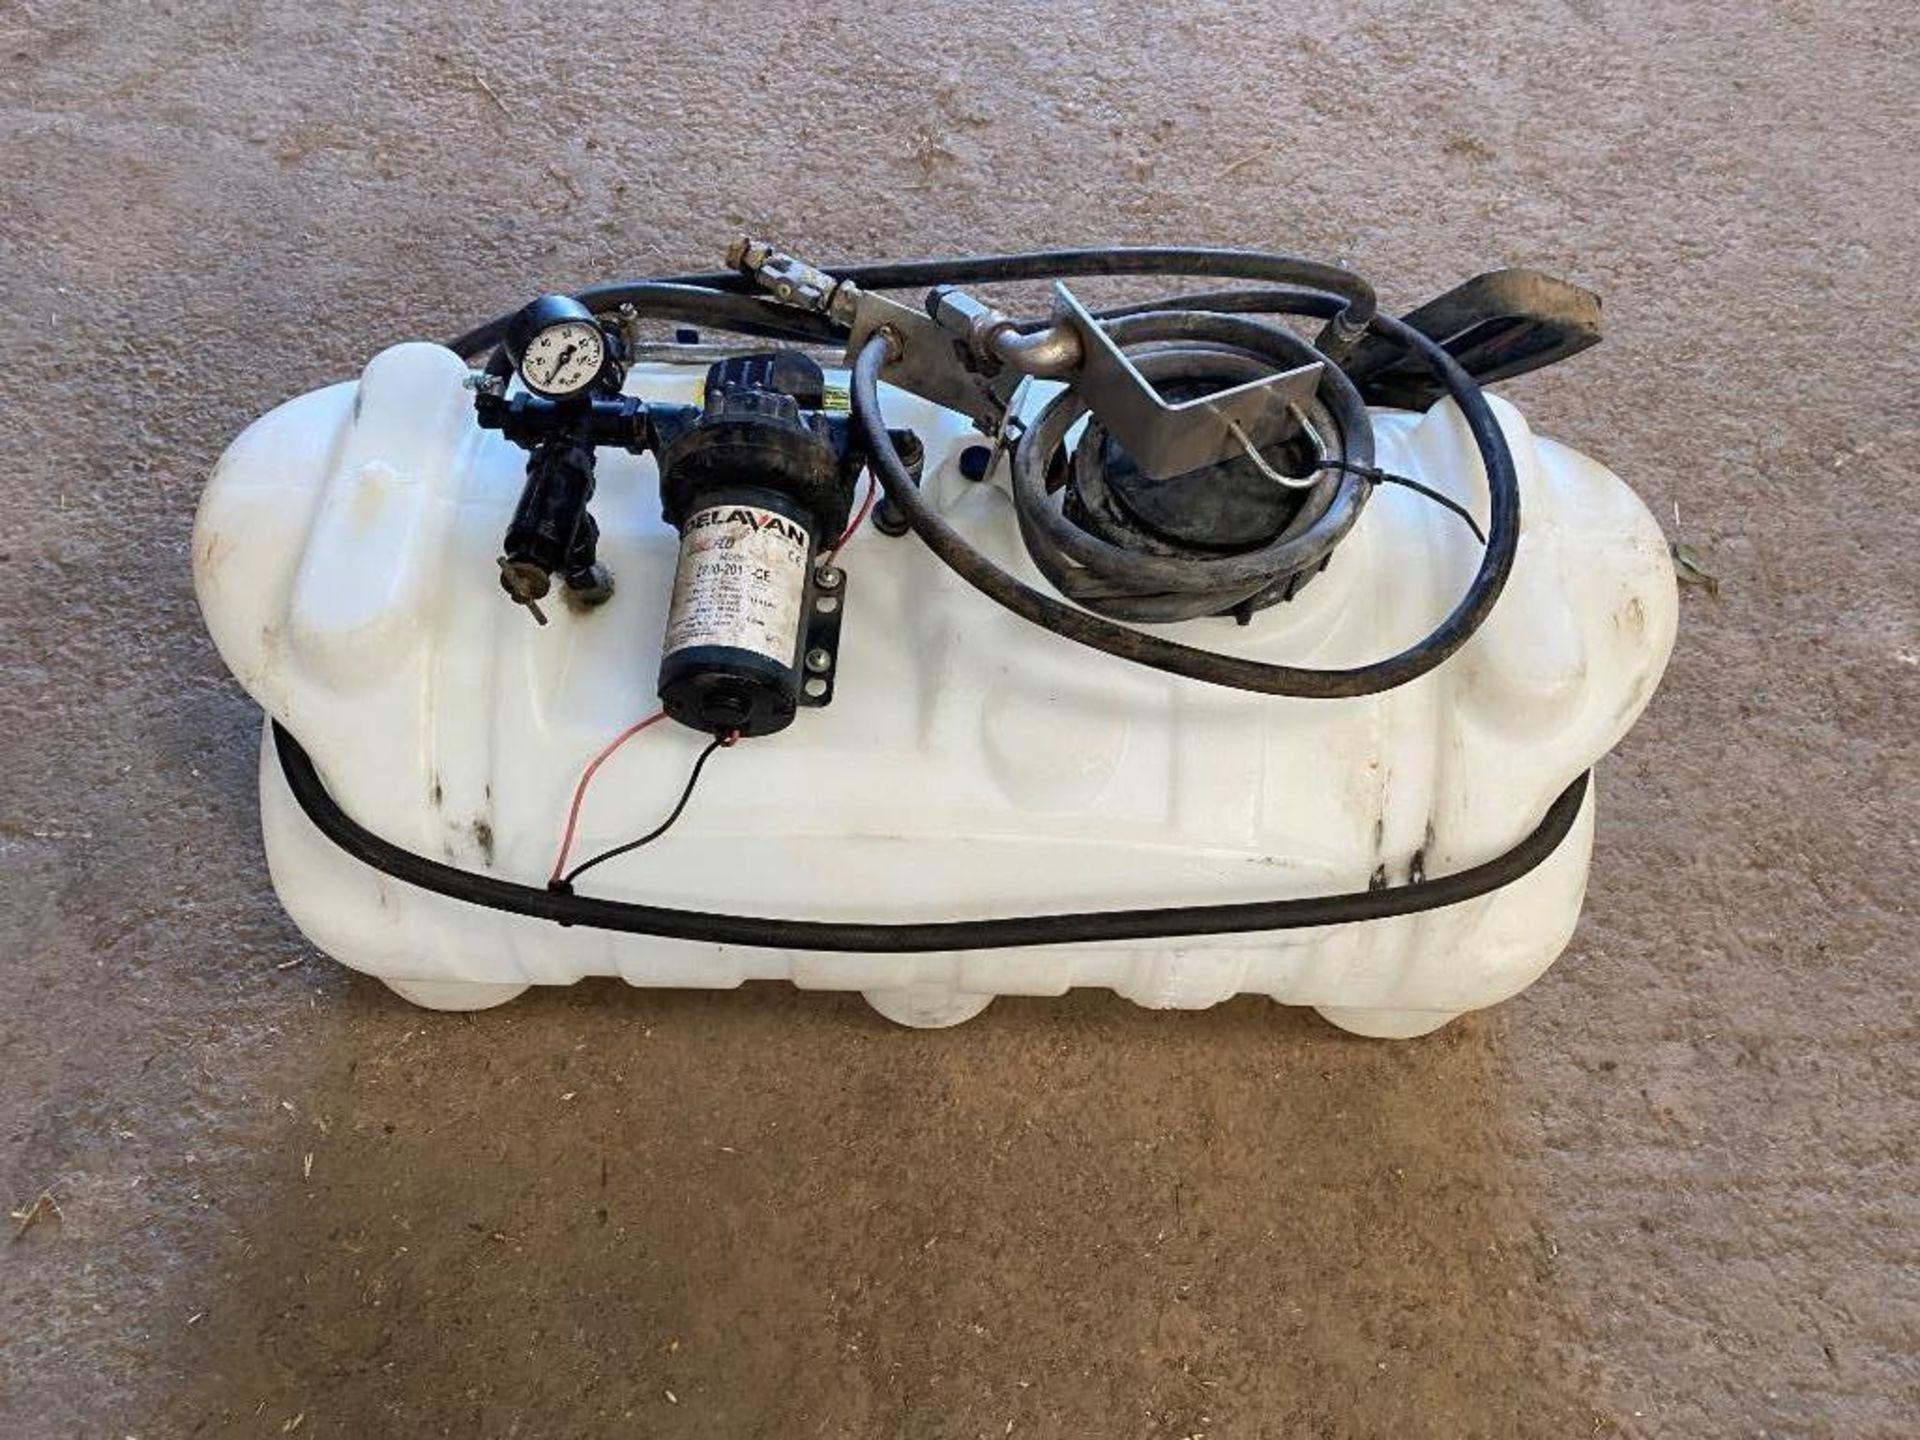 Enduramaxx 90l ATV Sprayer